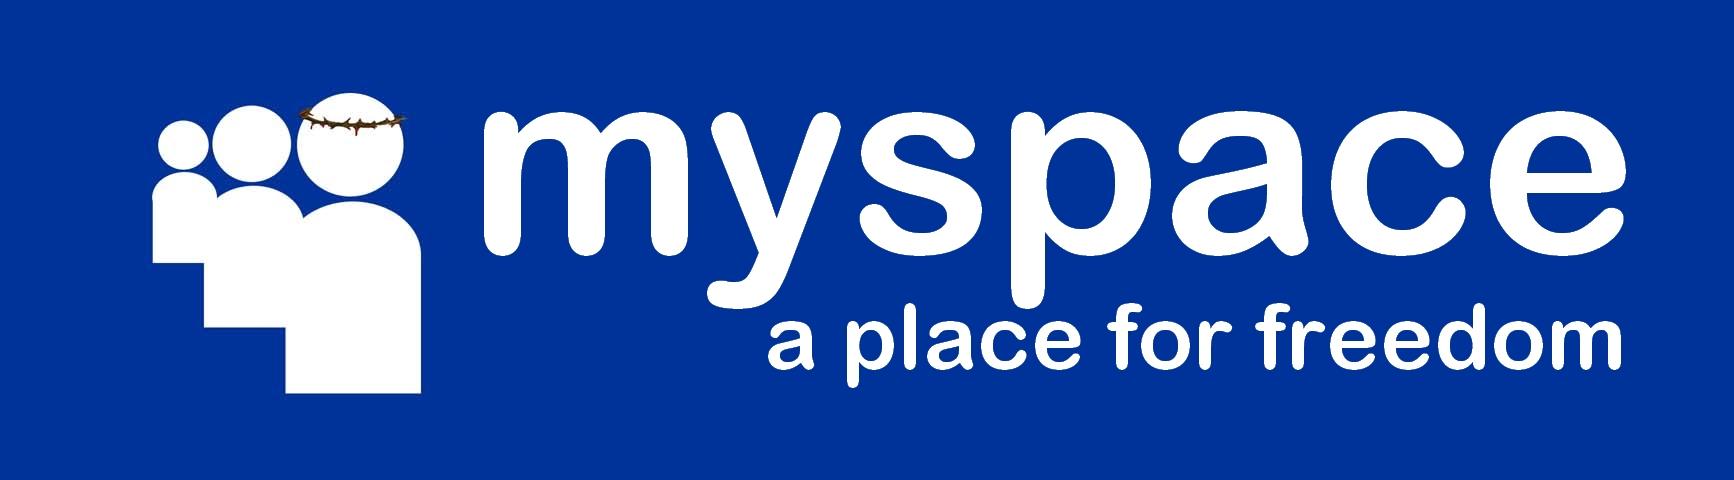 http://buccaneer.free.fr/pubs/logo%20myspace1.jpg